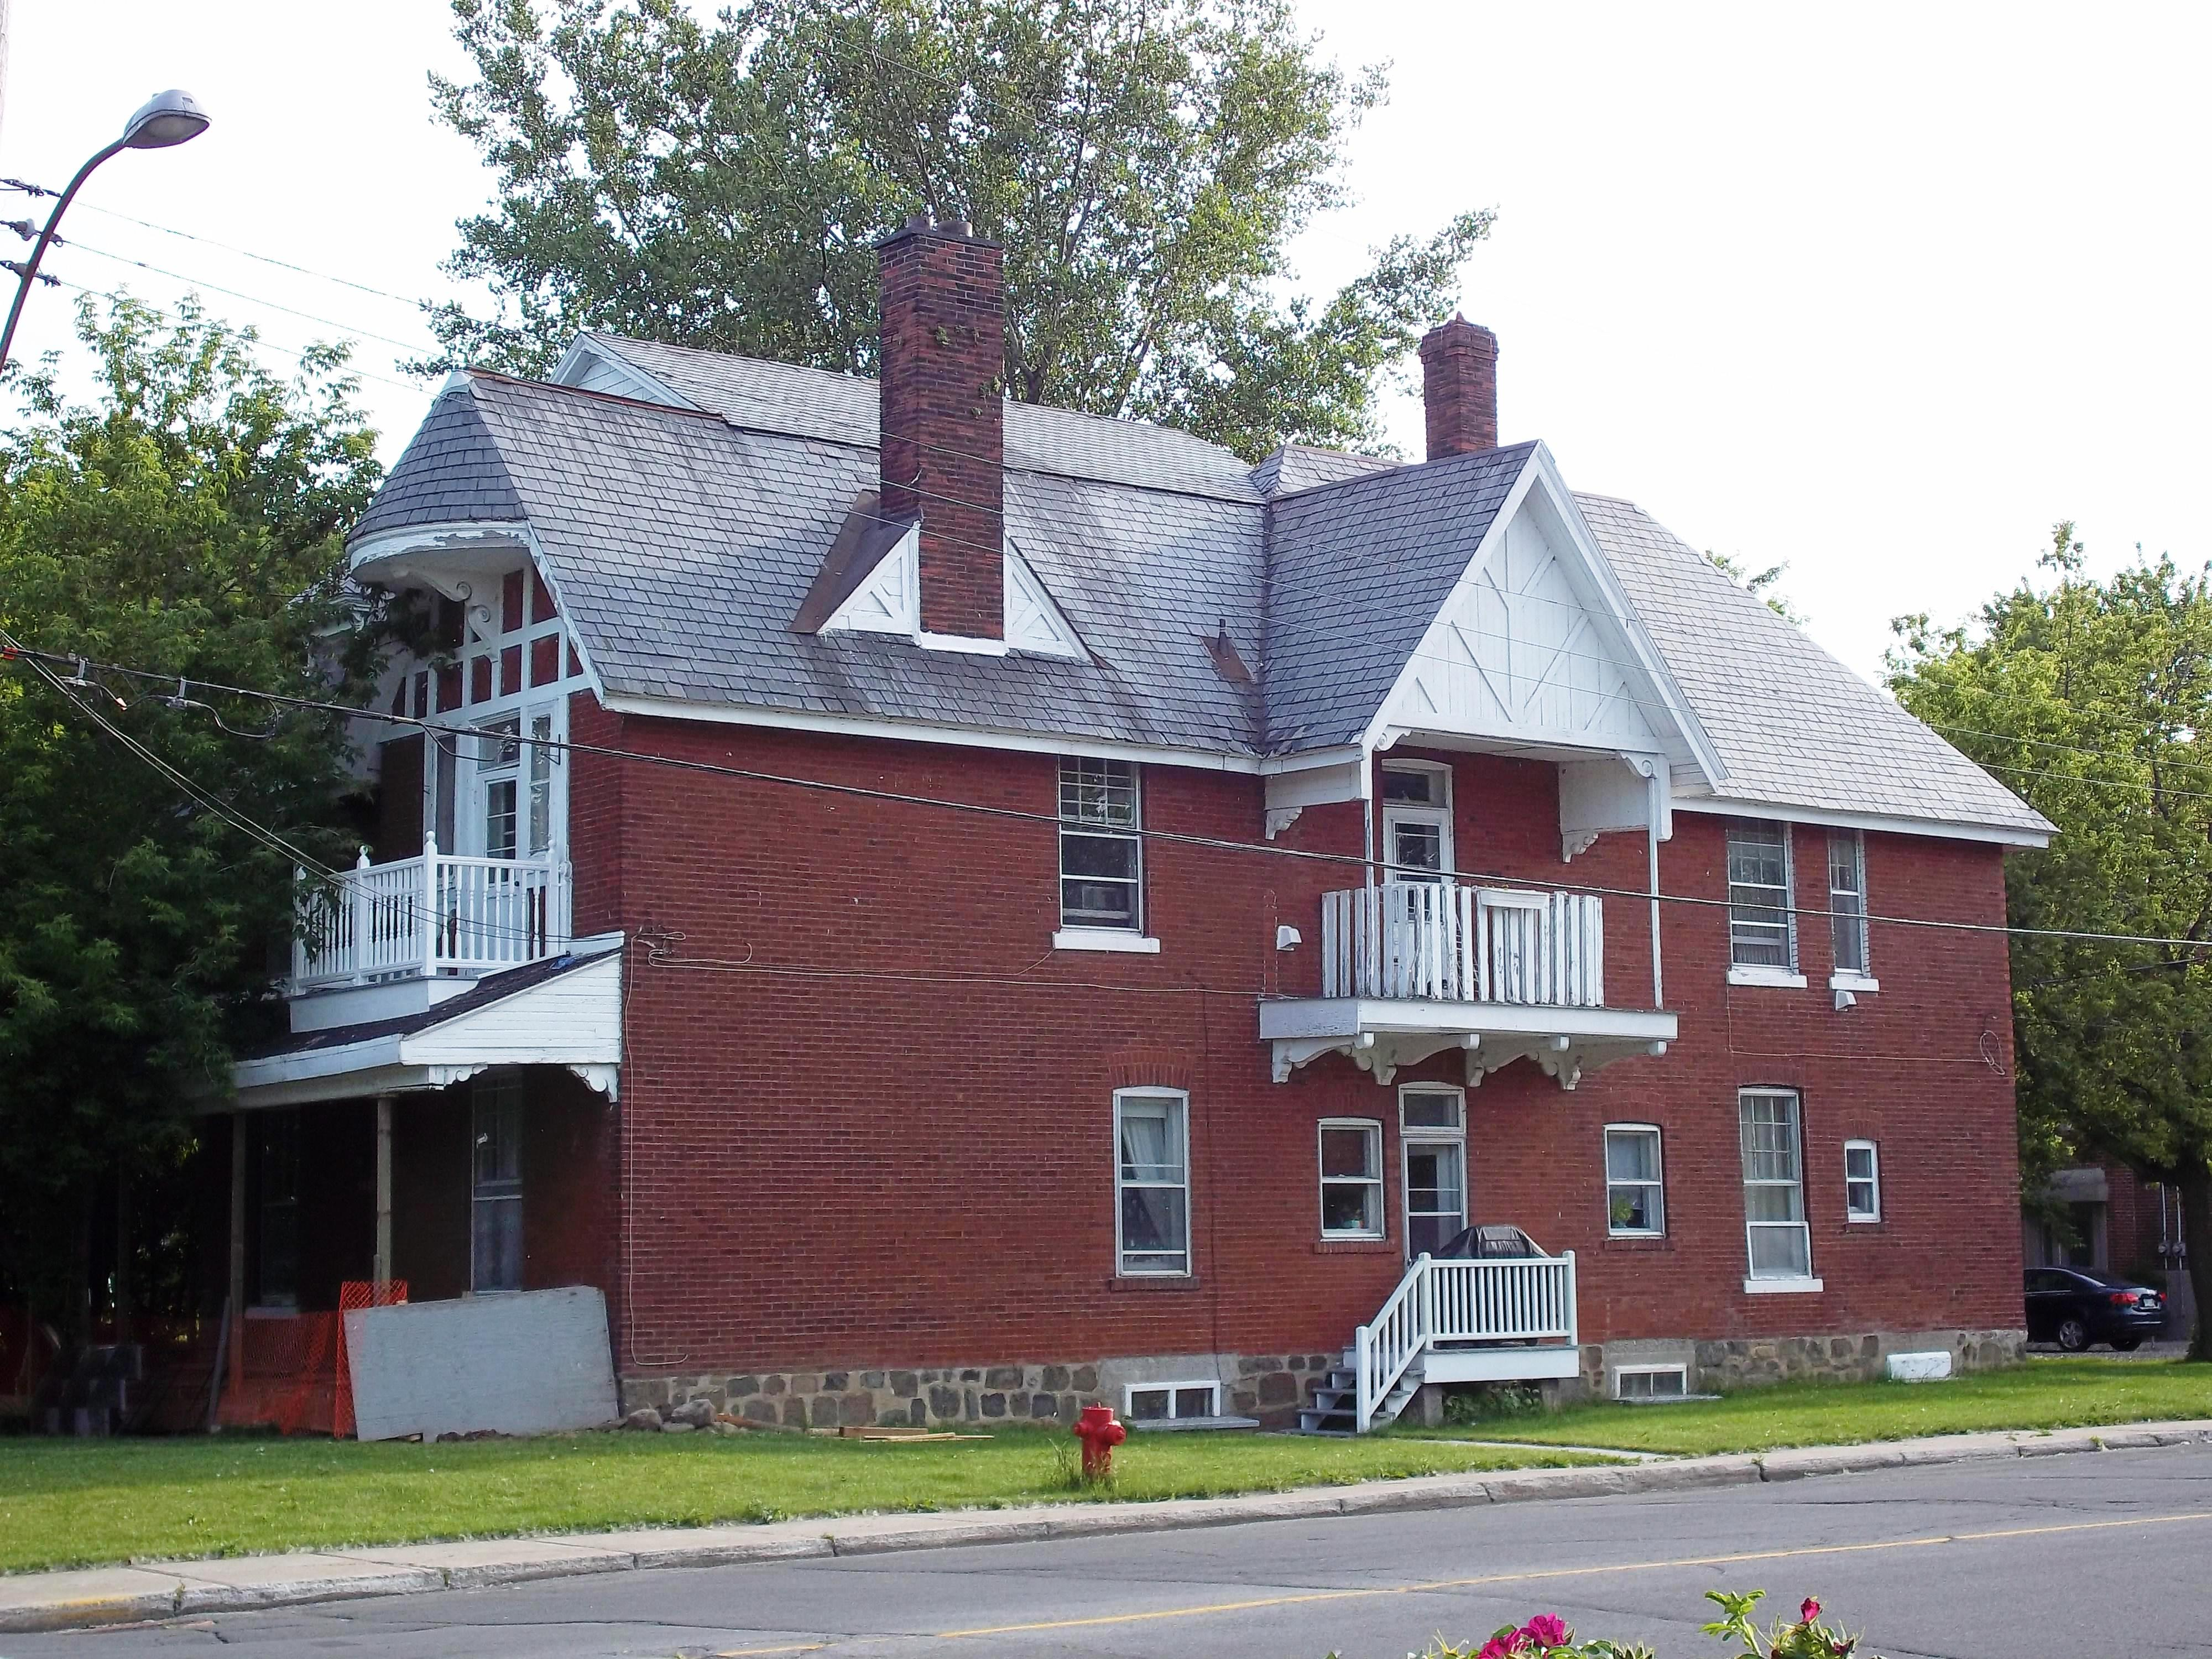 Maison De La Salle fichier:maison penniston 7525 boul lasalle — wikipédia